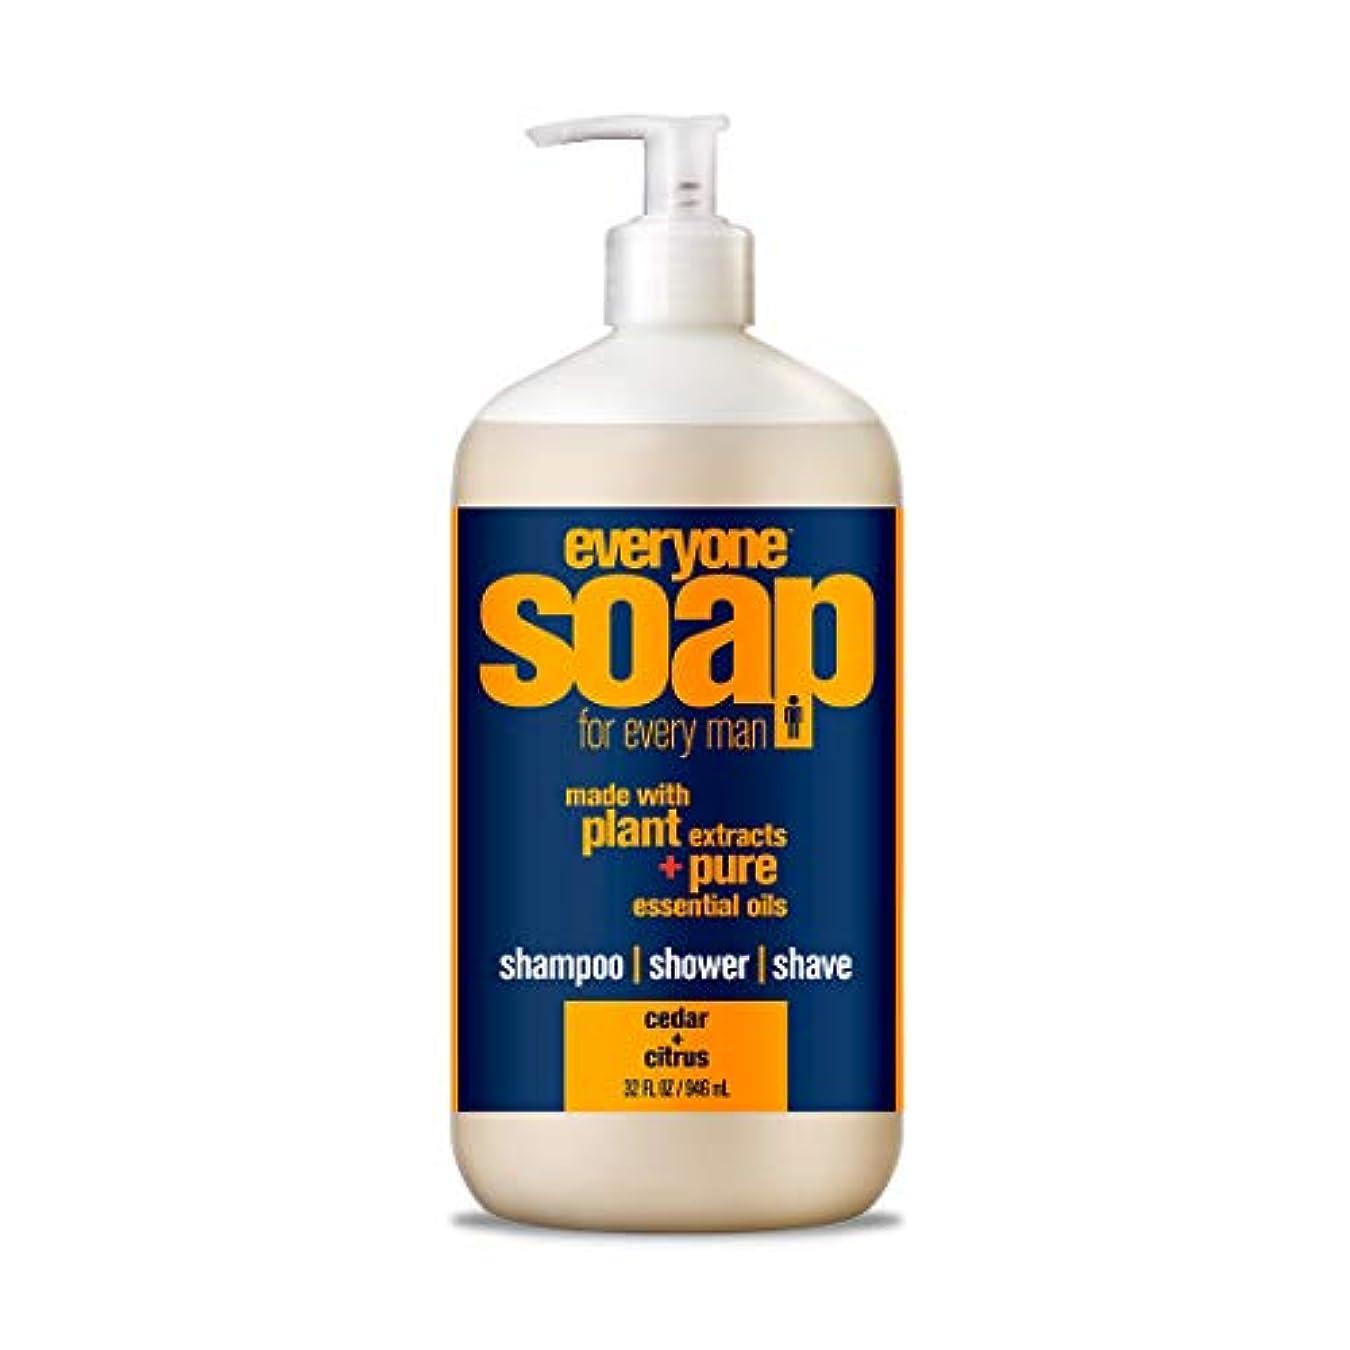 ワーカーチャーム香水(950ml - 1 Bottle, Citrus-Cedar) - Eo Products Everyone Soap For Men, Cedar And Citrus, 950ml